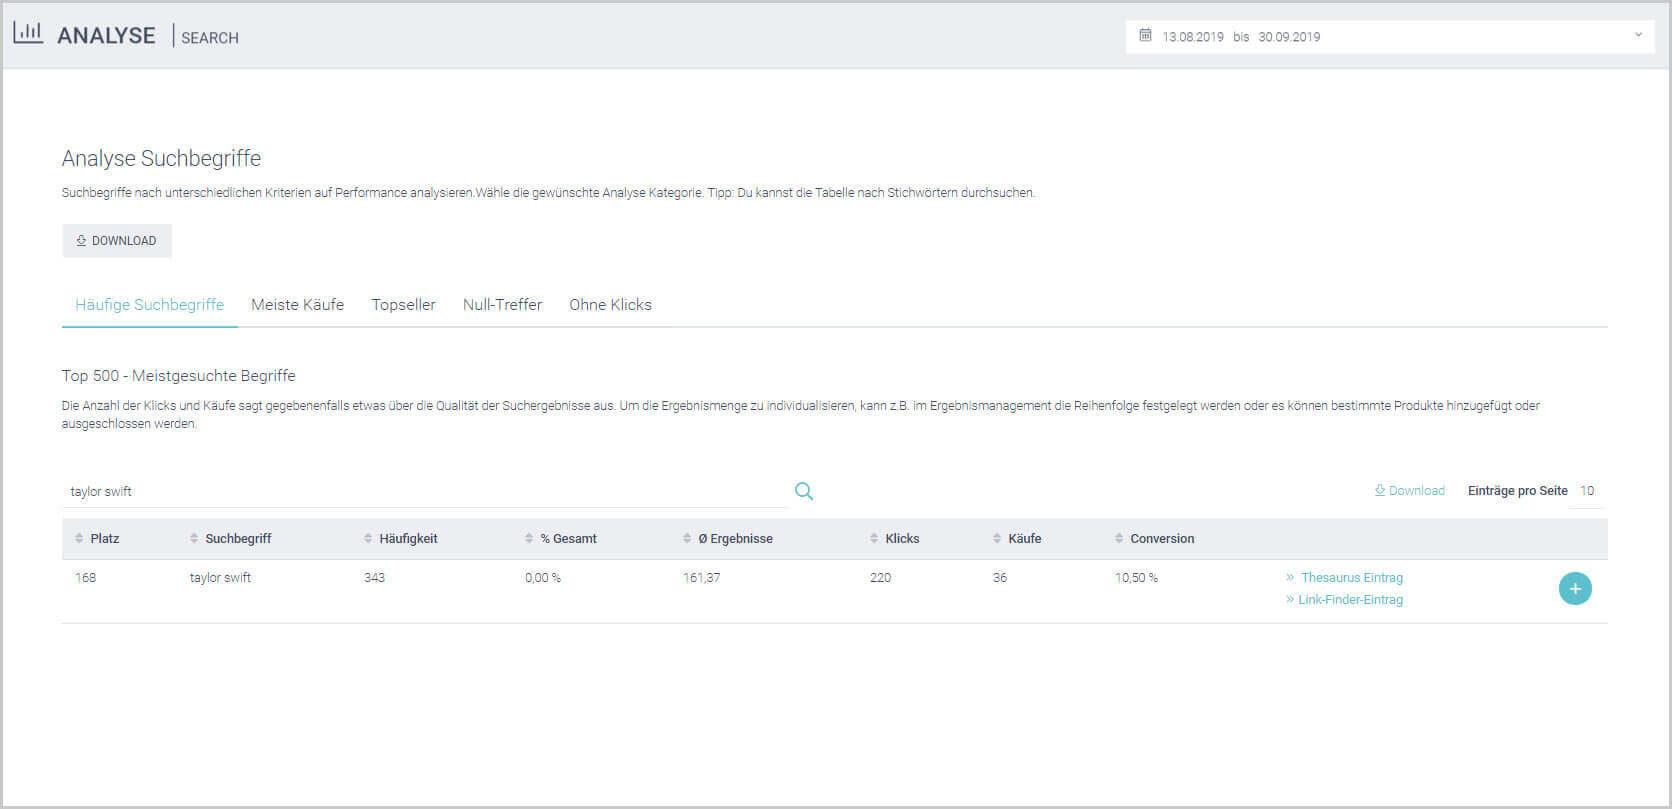 Der Screenshot zeigt die qualitative Analyse der häufigsten Suchbegriffe im epoq Control Desk nach der Suchergebnisbearbeitung.